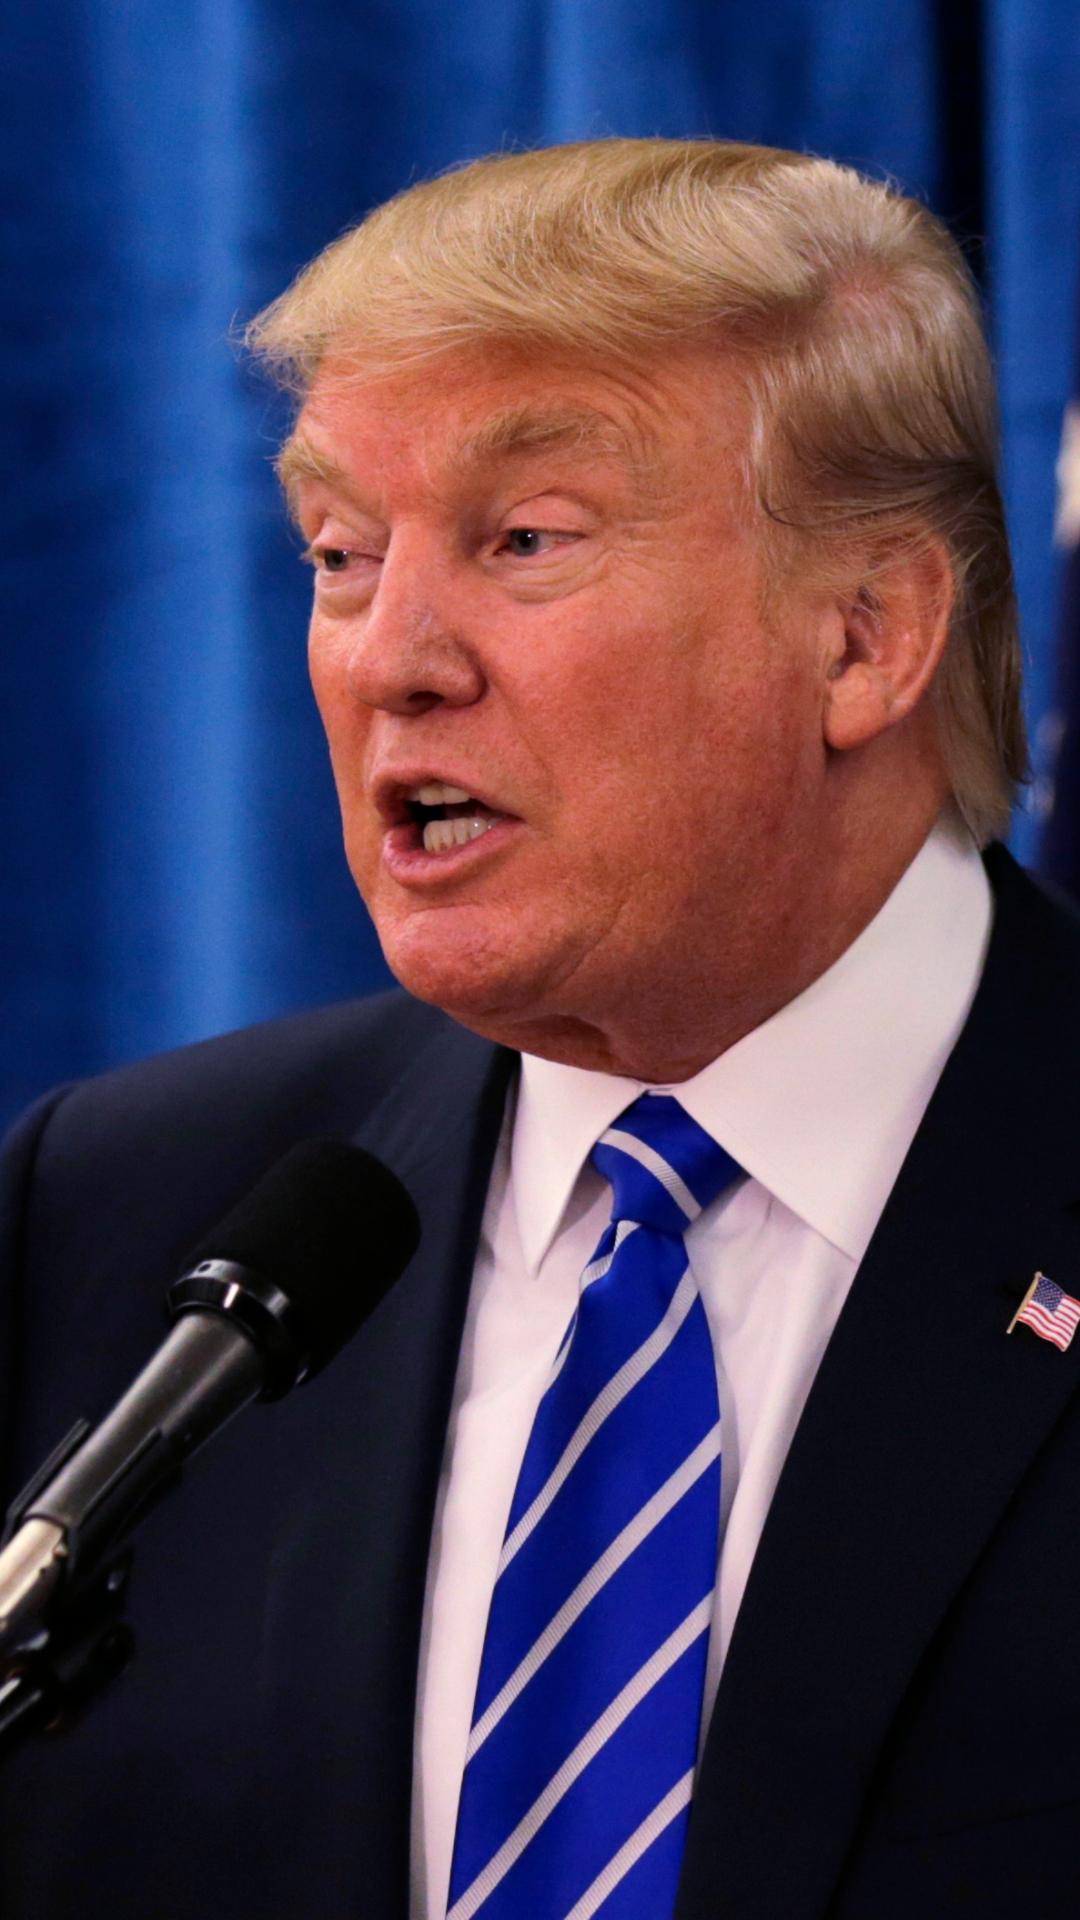 50 Donald Trump Iphone Wallpaper On Wallpapersafari